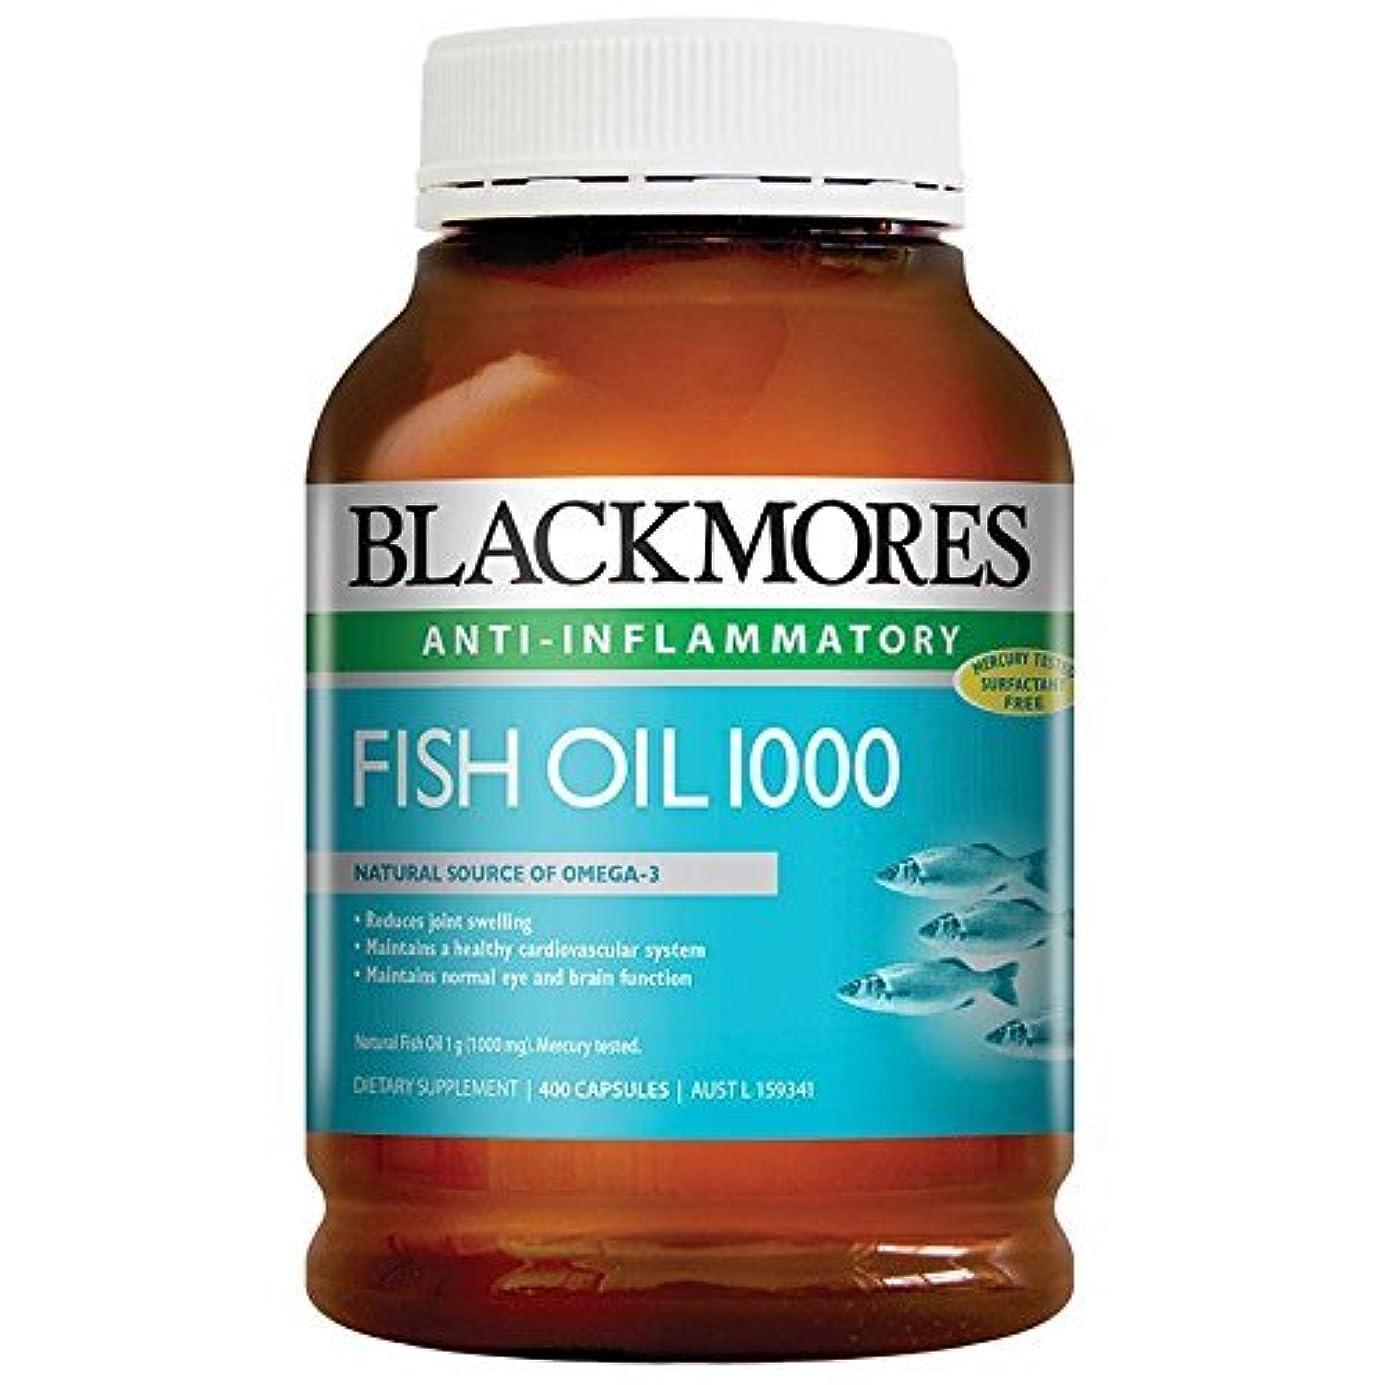 天文学紫の変なBlackmores Fish Oil 400 Caps 1000 Omega3 Dha, EPA Fatty Acids with 1pcs Chinese Knot Gift by Blackmores LTD